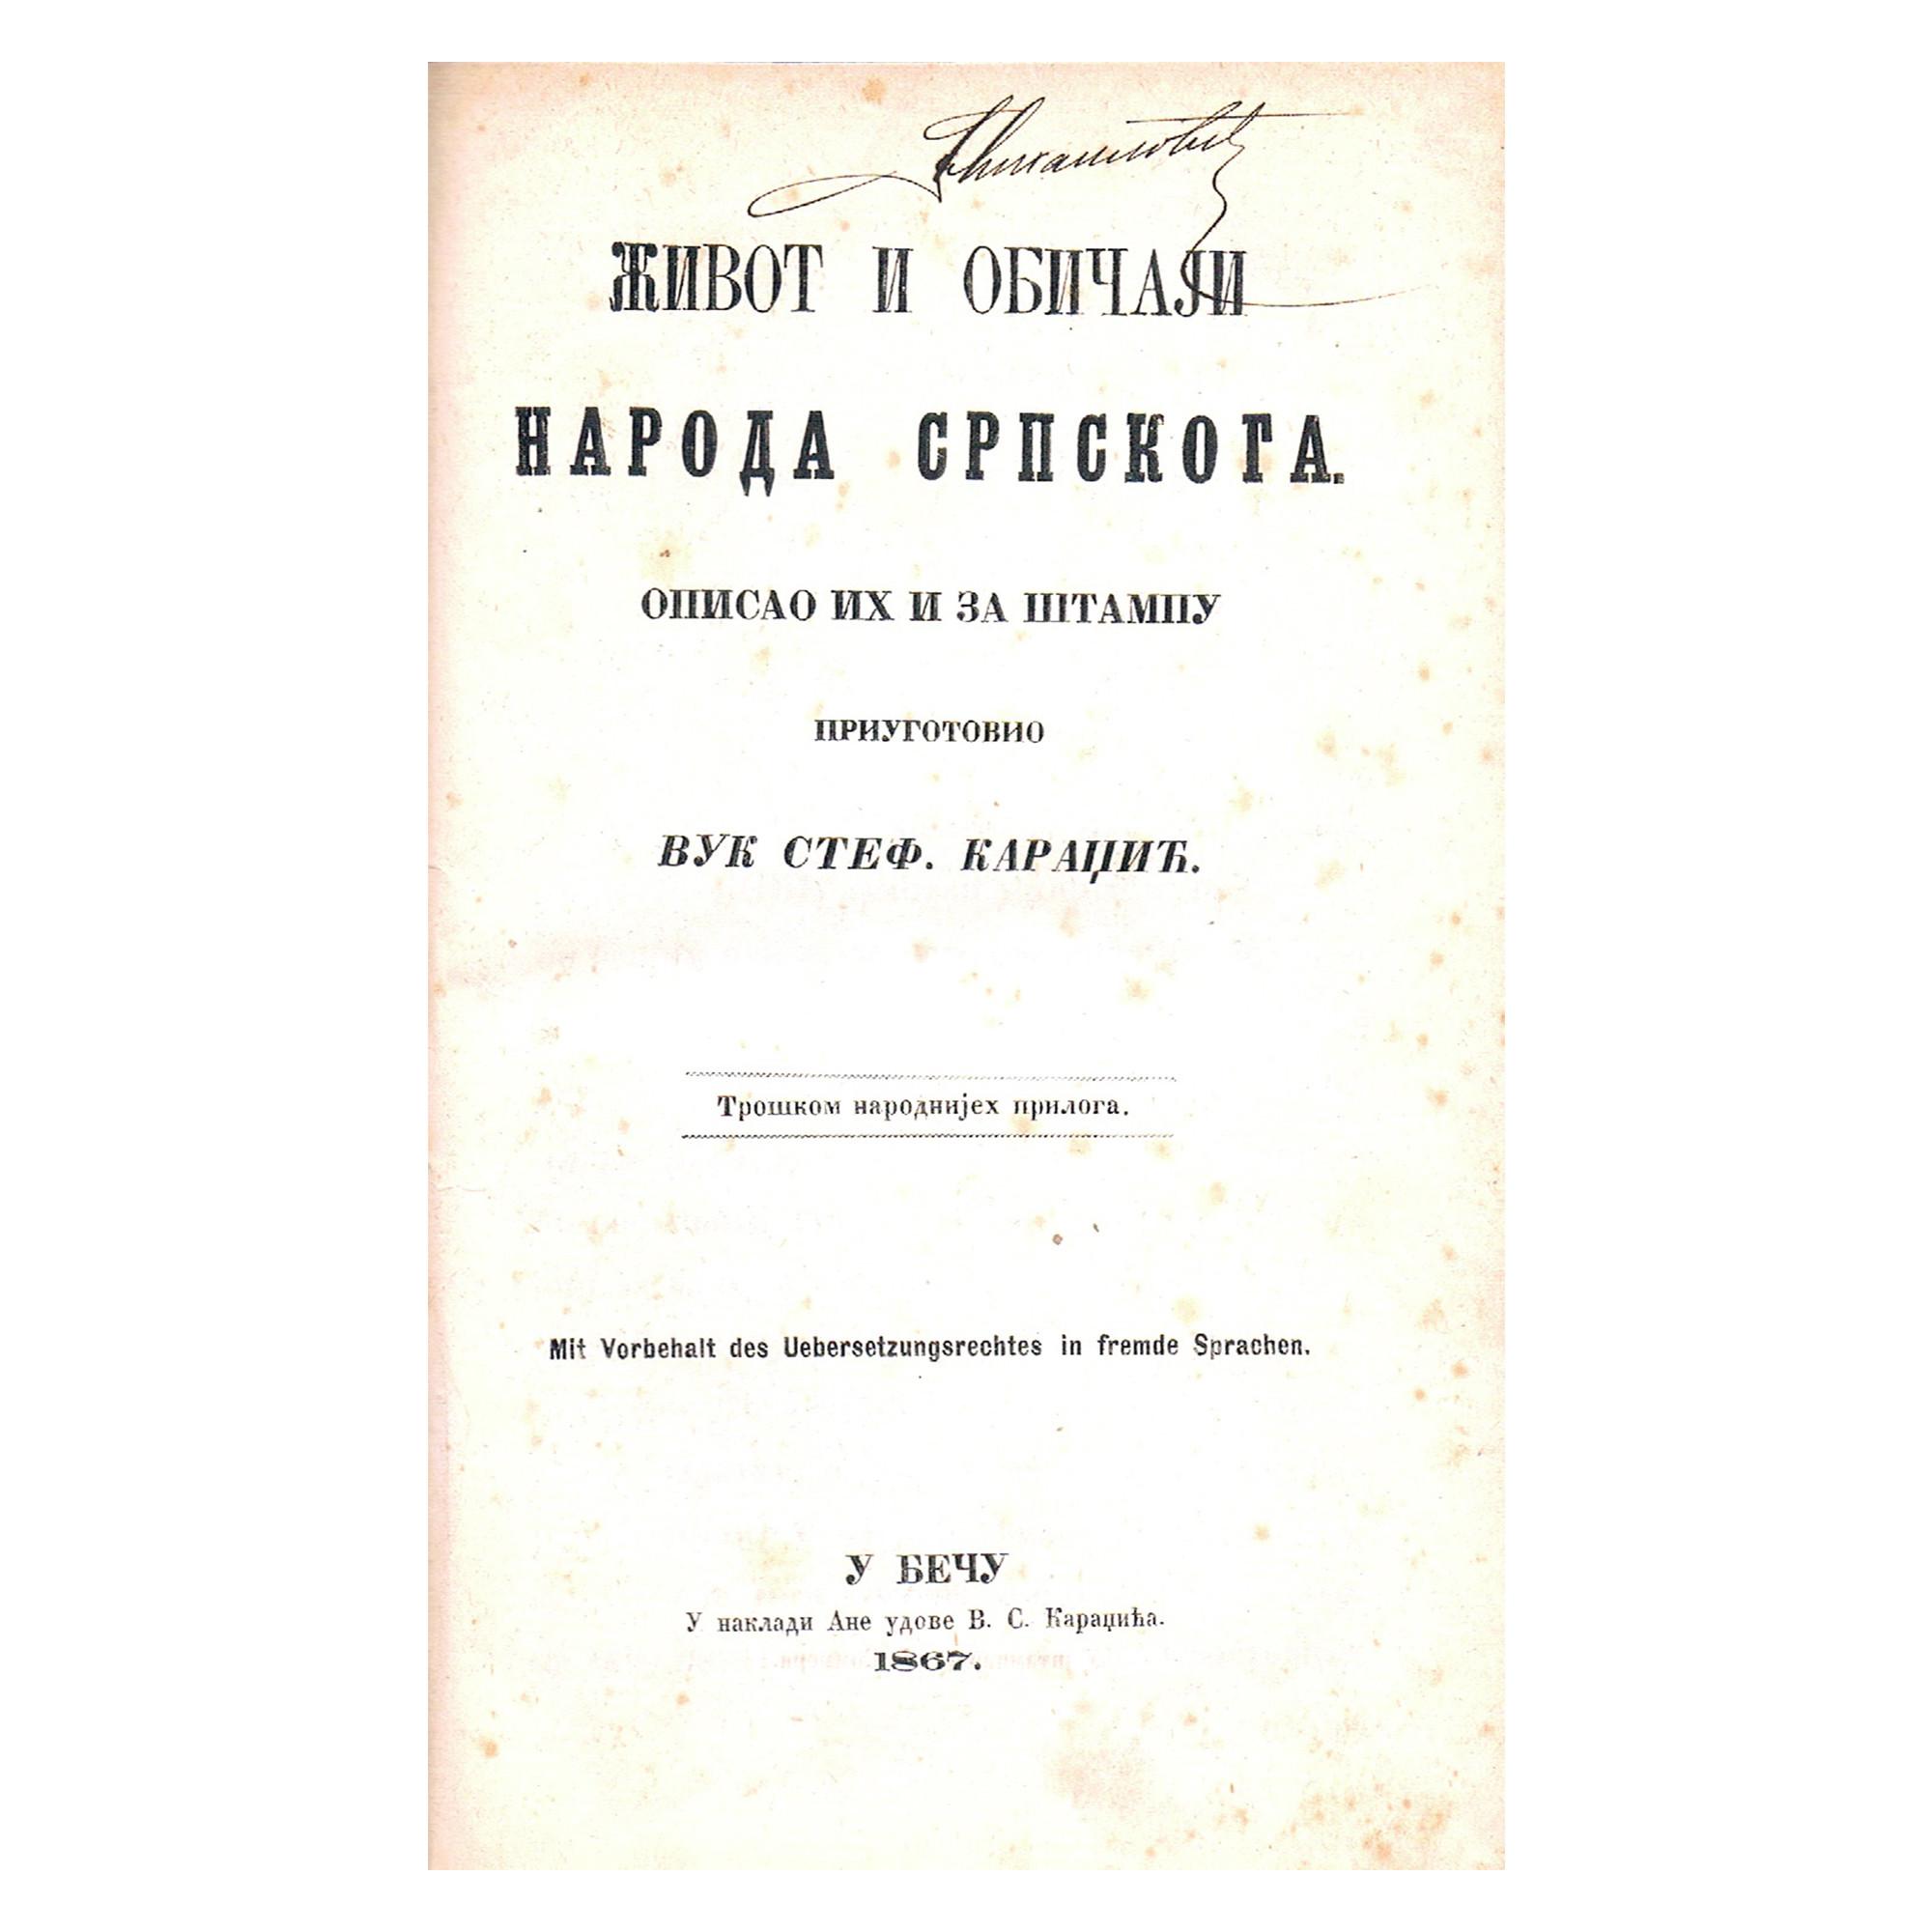 viaLibri ~ Rare Books from 1867 - Page 6